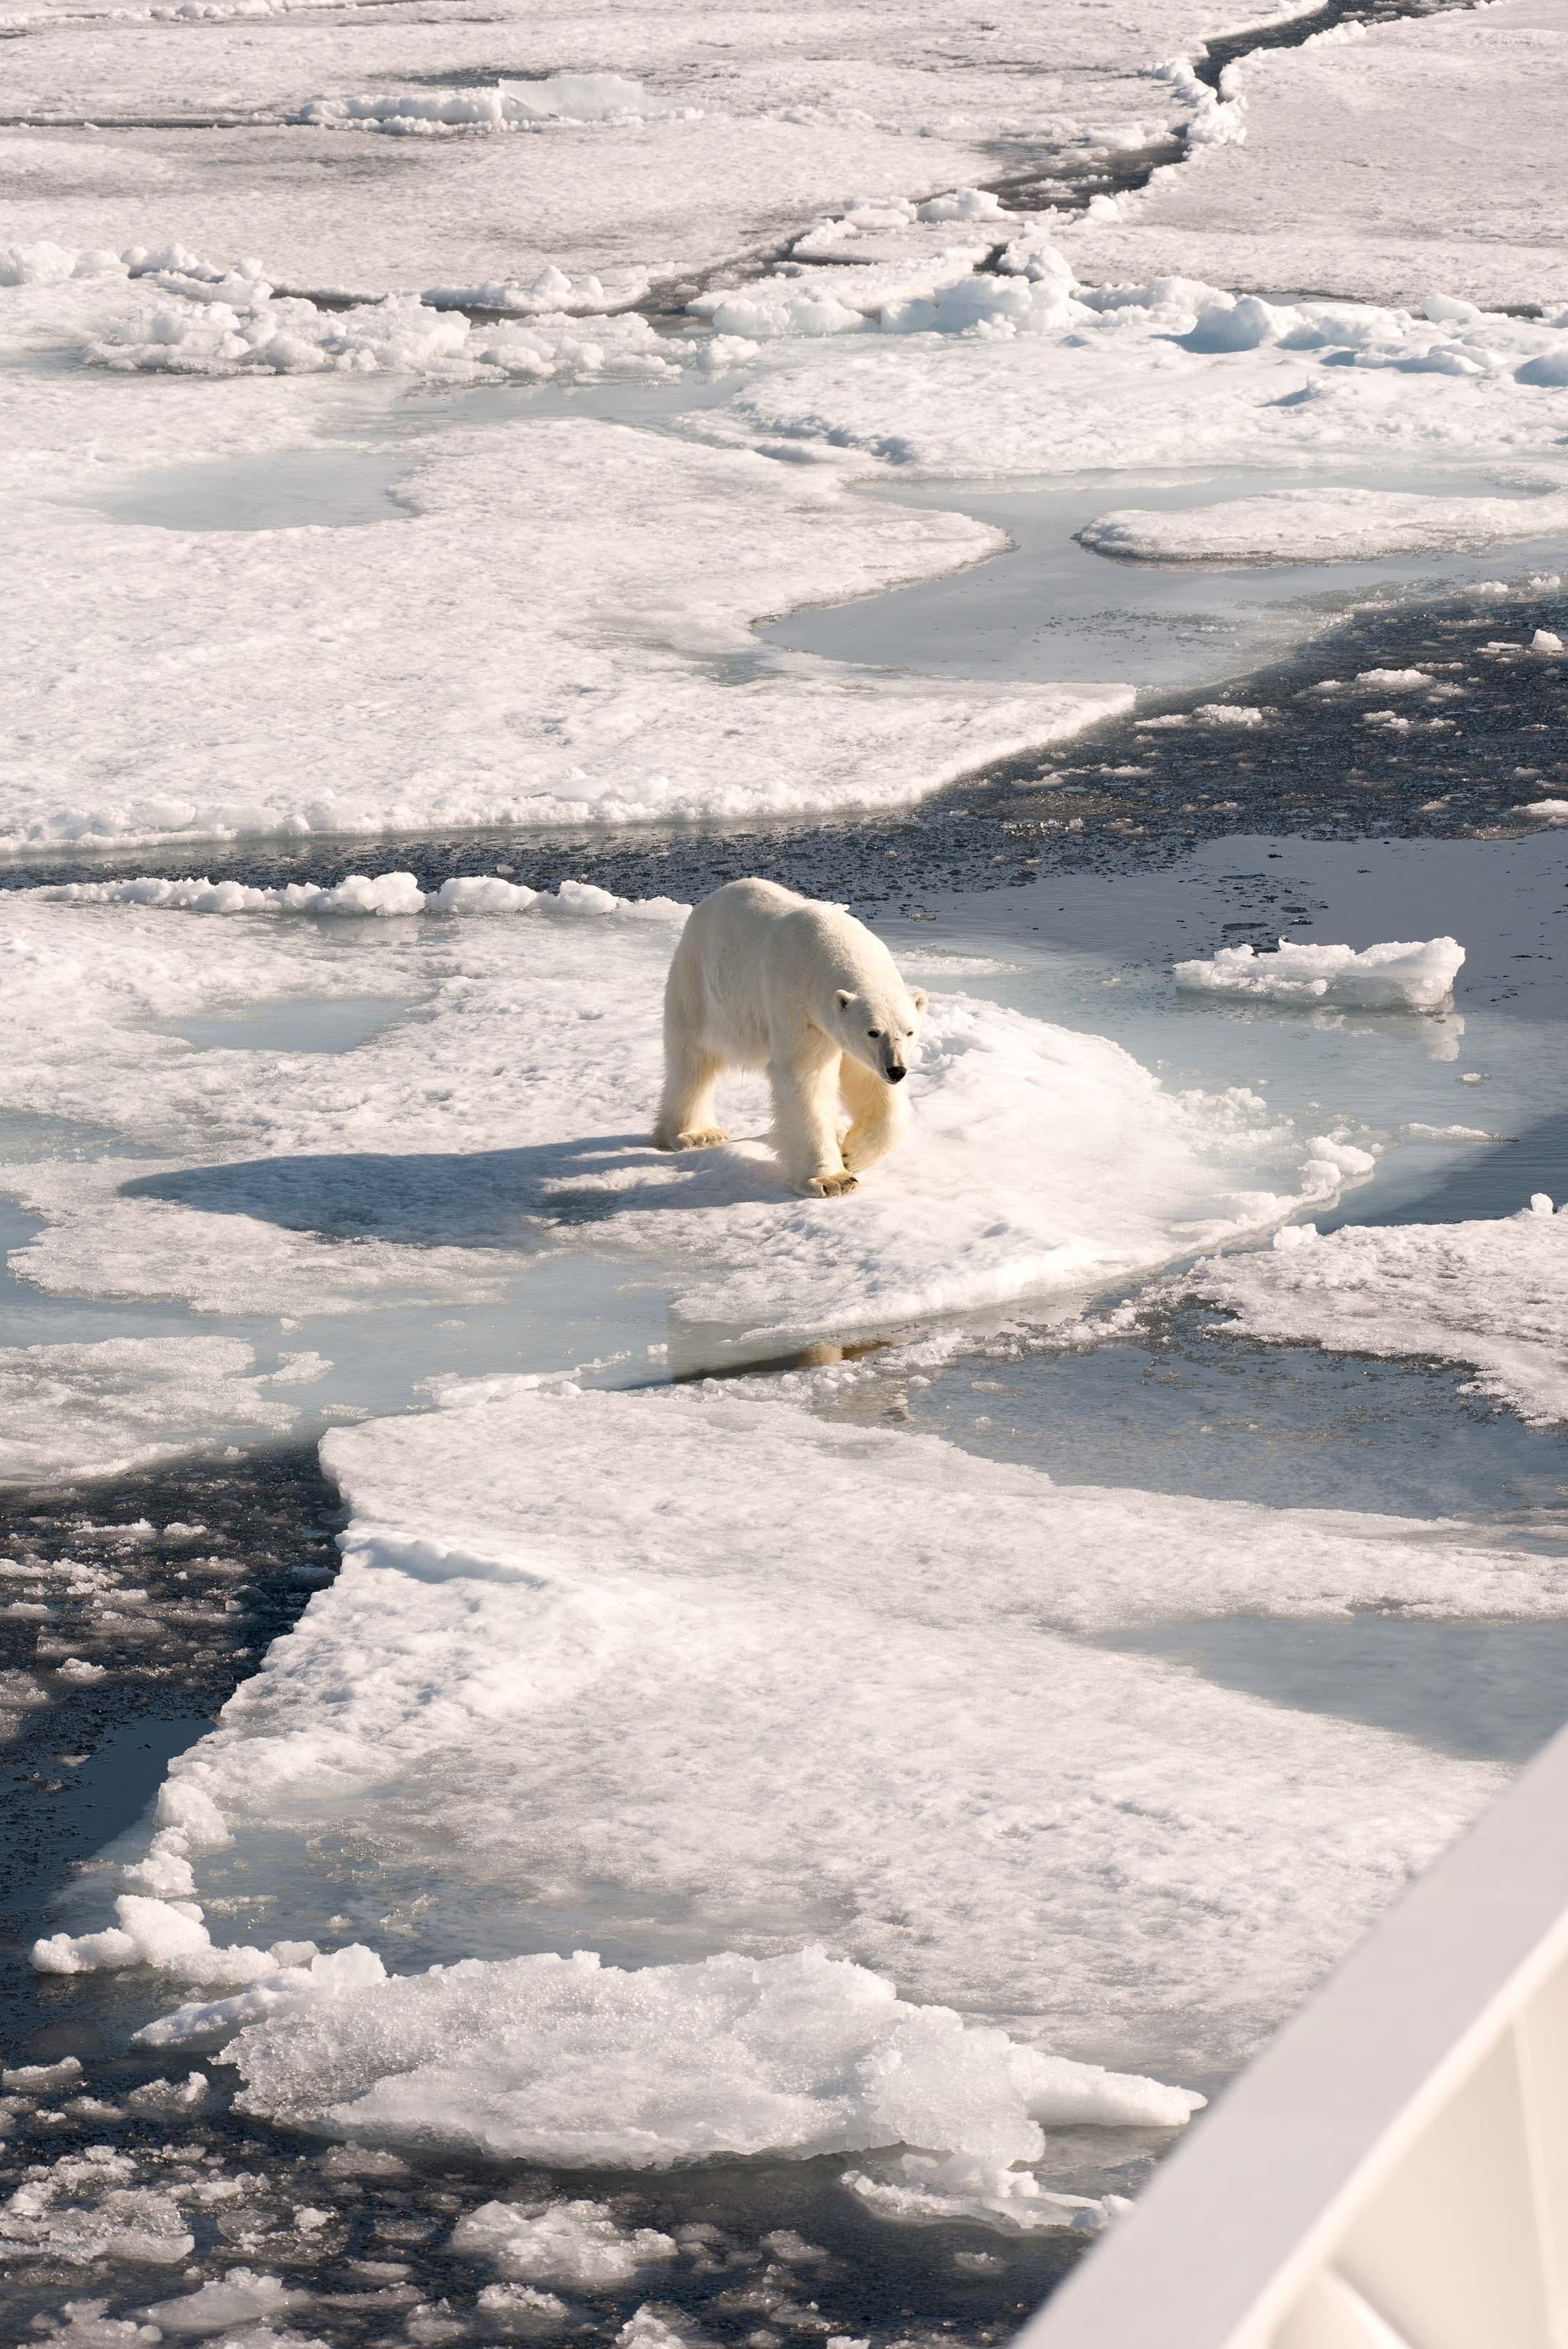 Polar bear in Liefdefjorden, Svalbard